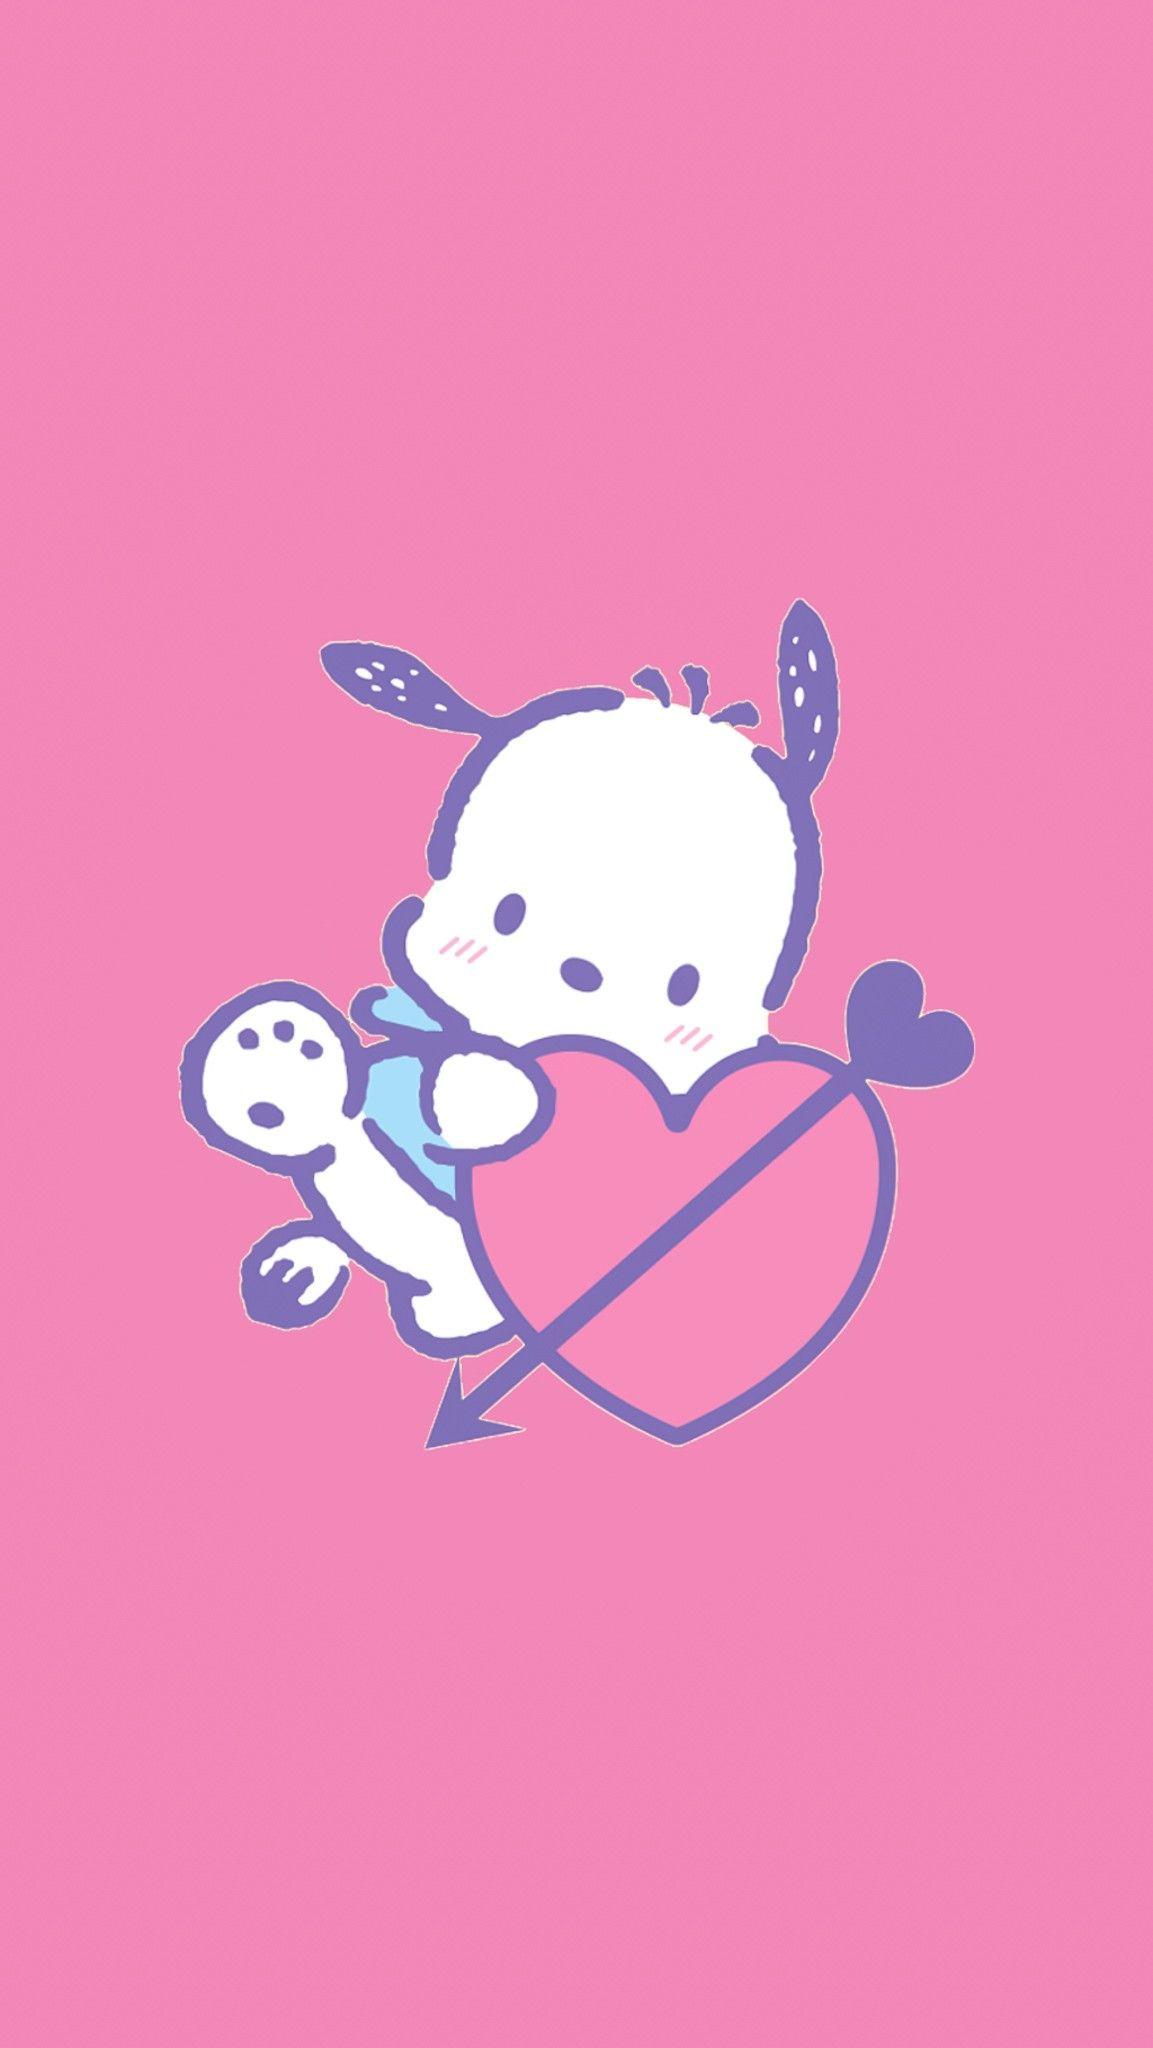 Pochacco おしゃれまとめの人気アイデア Pinterest Seol Hwa Lee サンリオ イラスト 壁紙 かわいい かわいい